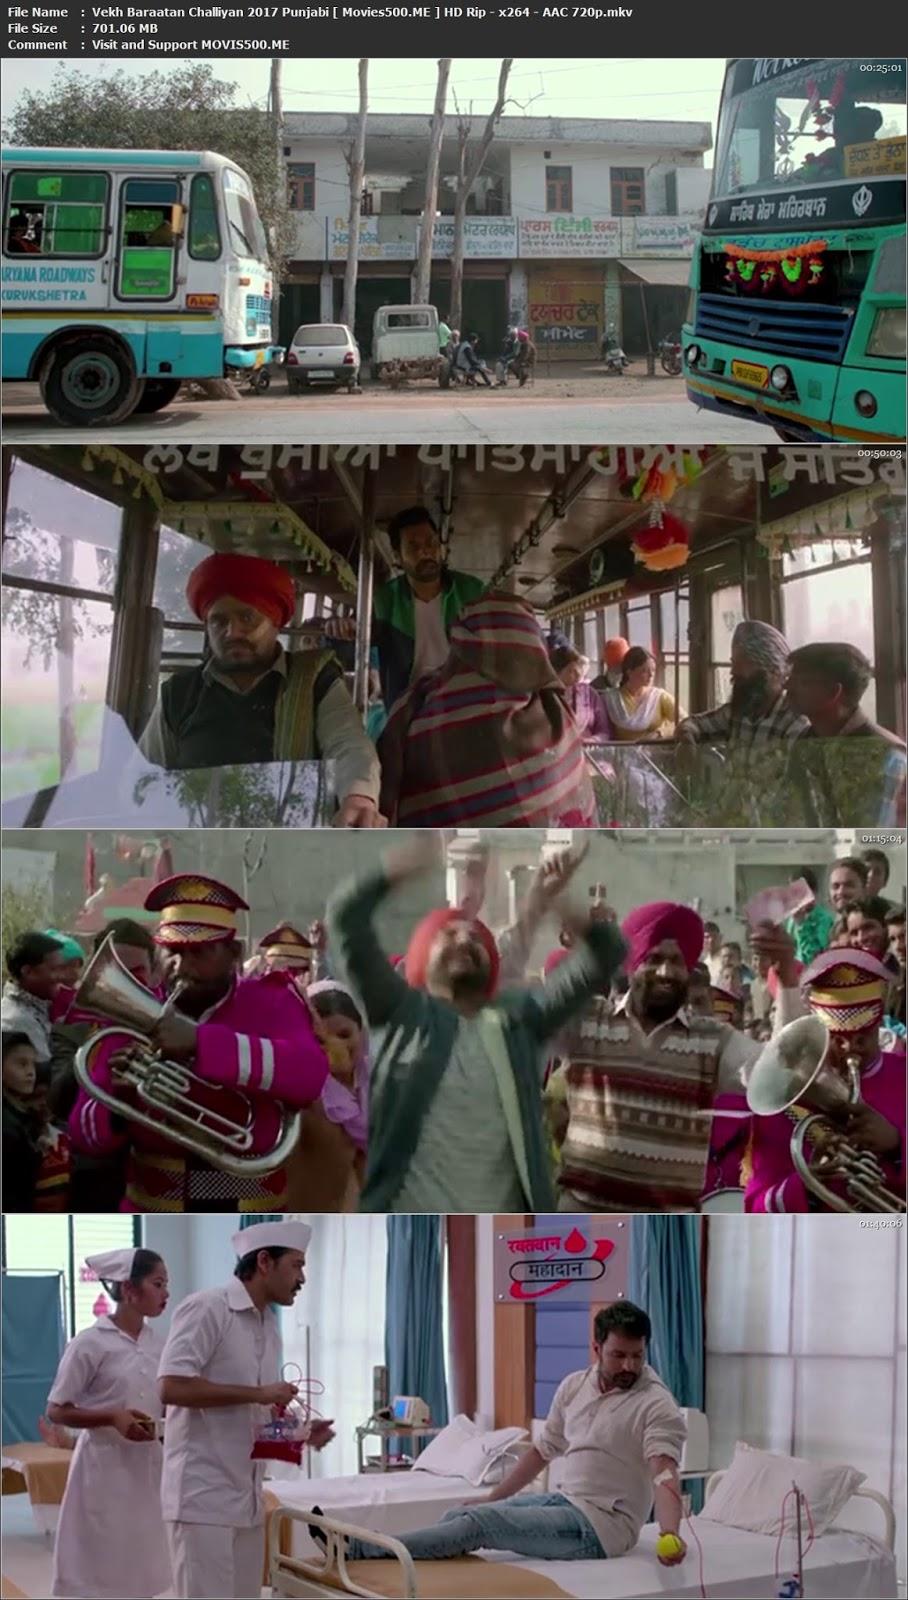 Vekh Baraatan Challiyan 2017 Punjabi Movie HDRip 720p at softwaresonly.com